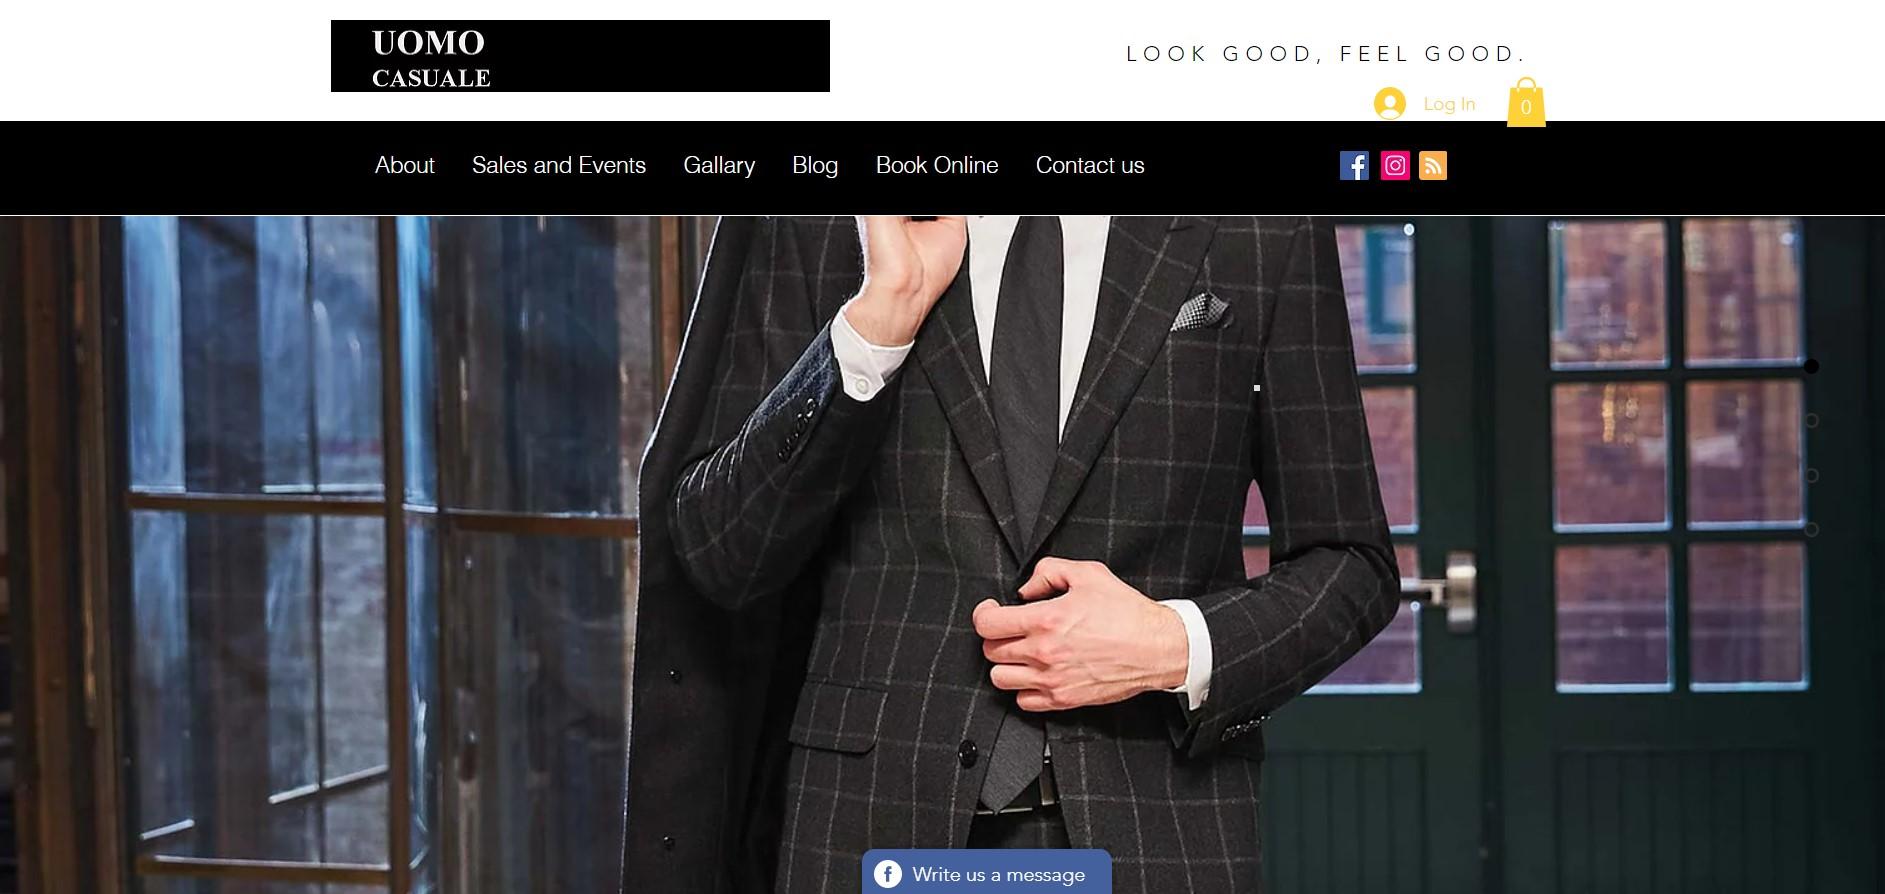 uomo casuale formal wear store in winnipeg